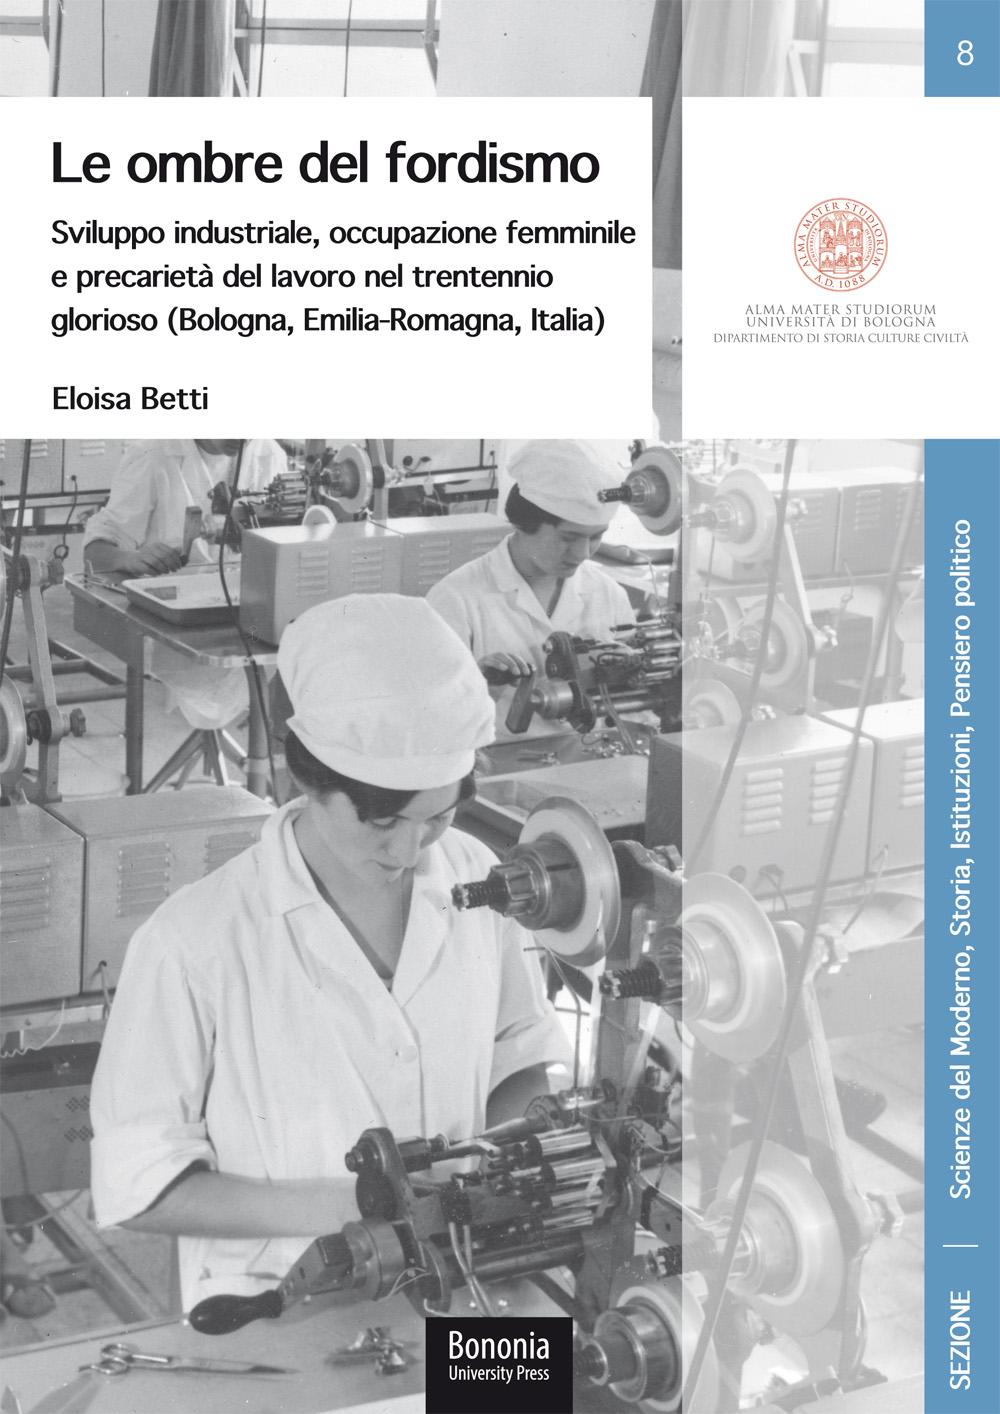 08. Le ombre del fordismo - Bononia University Press